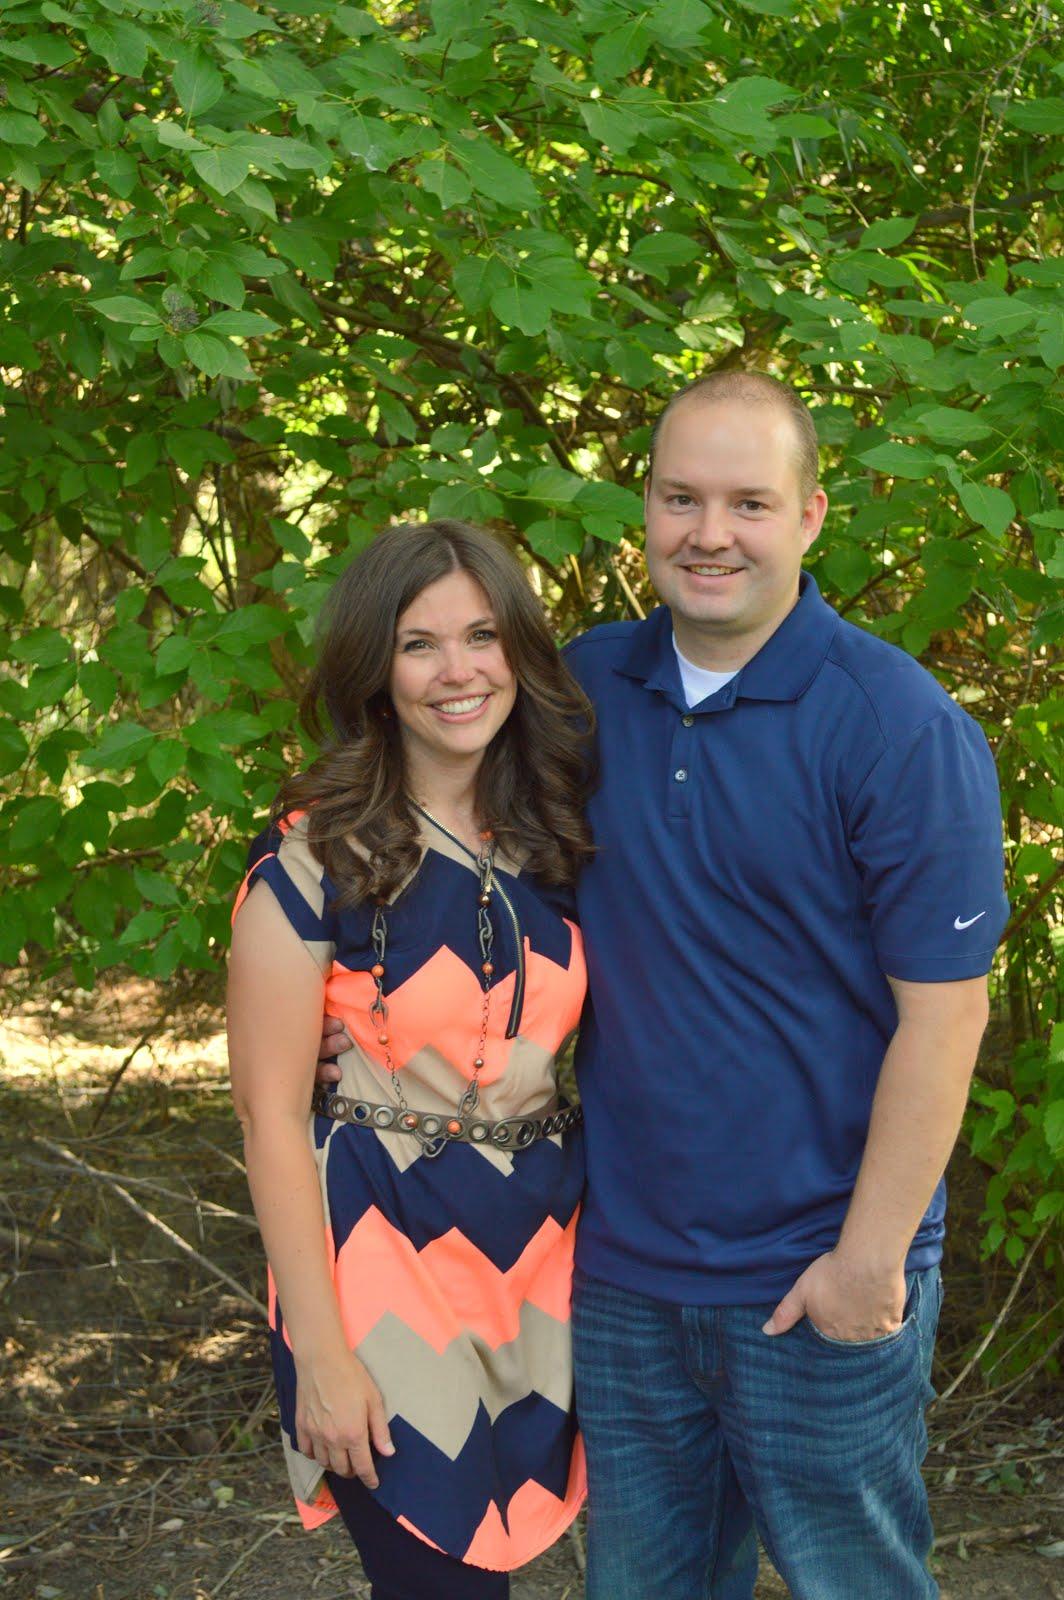 Casey and Brynn